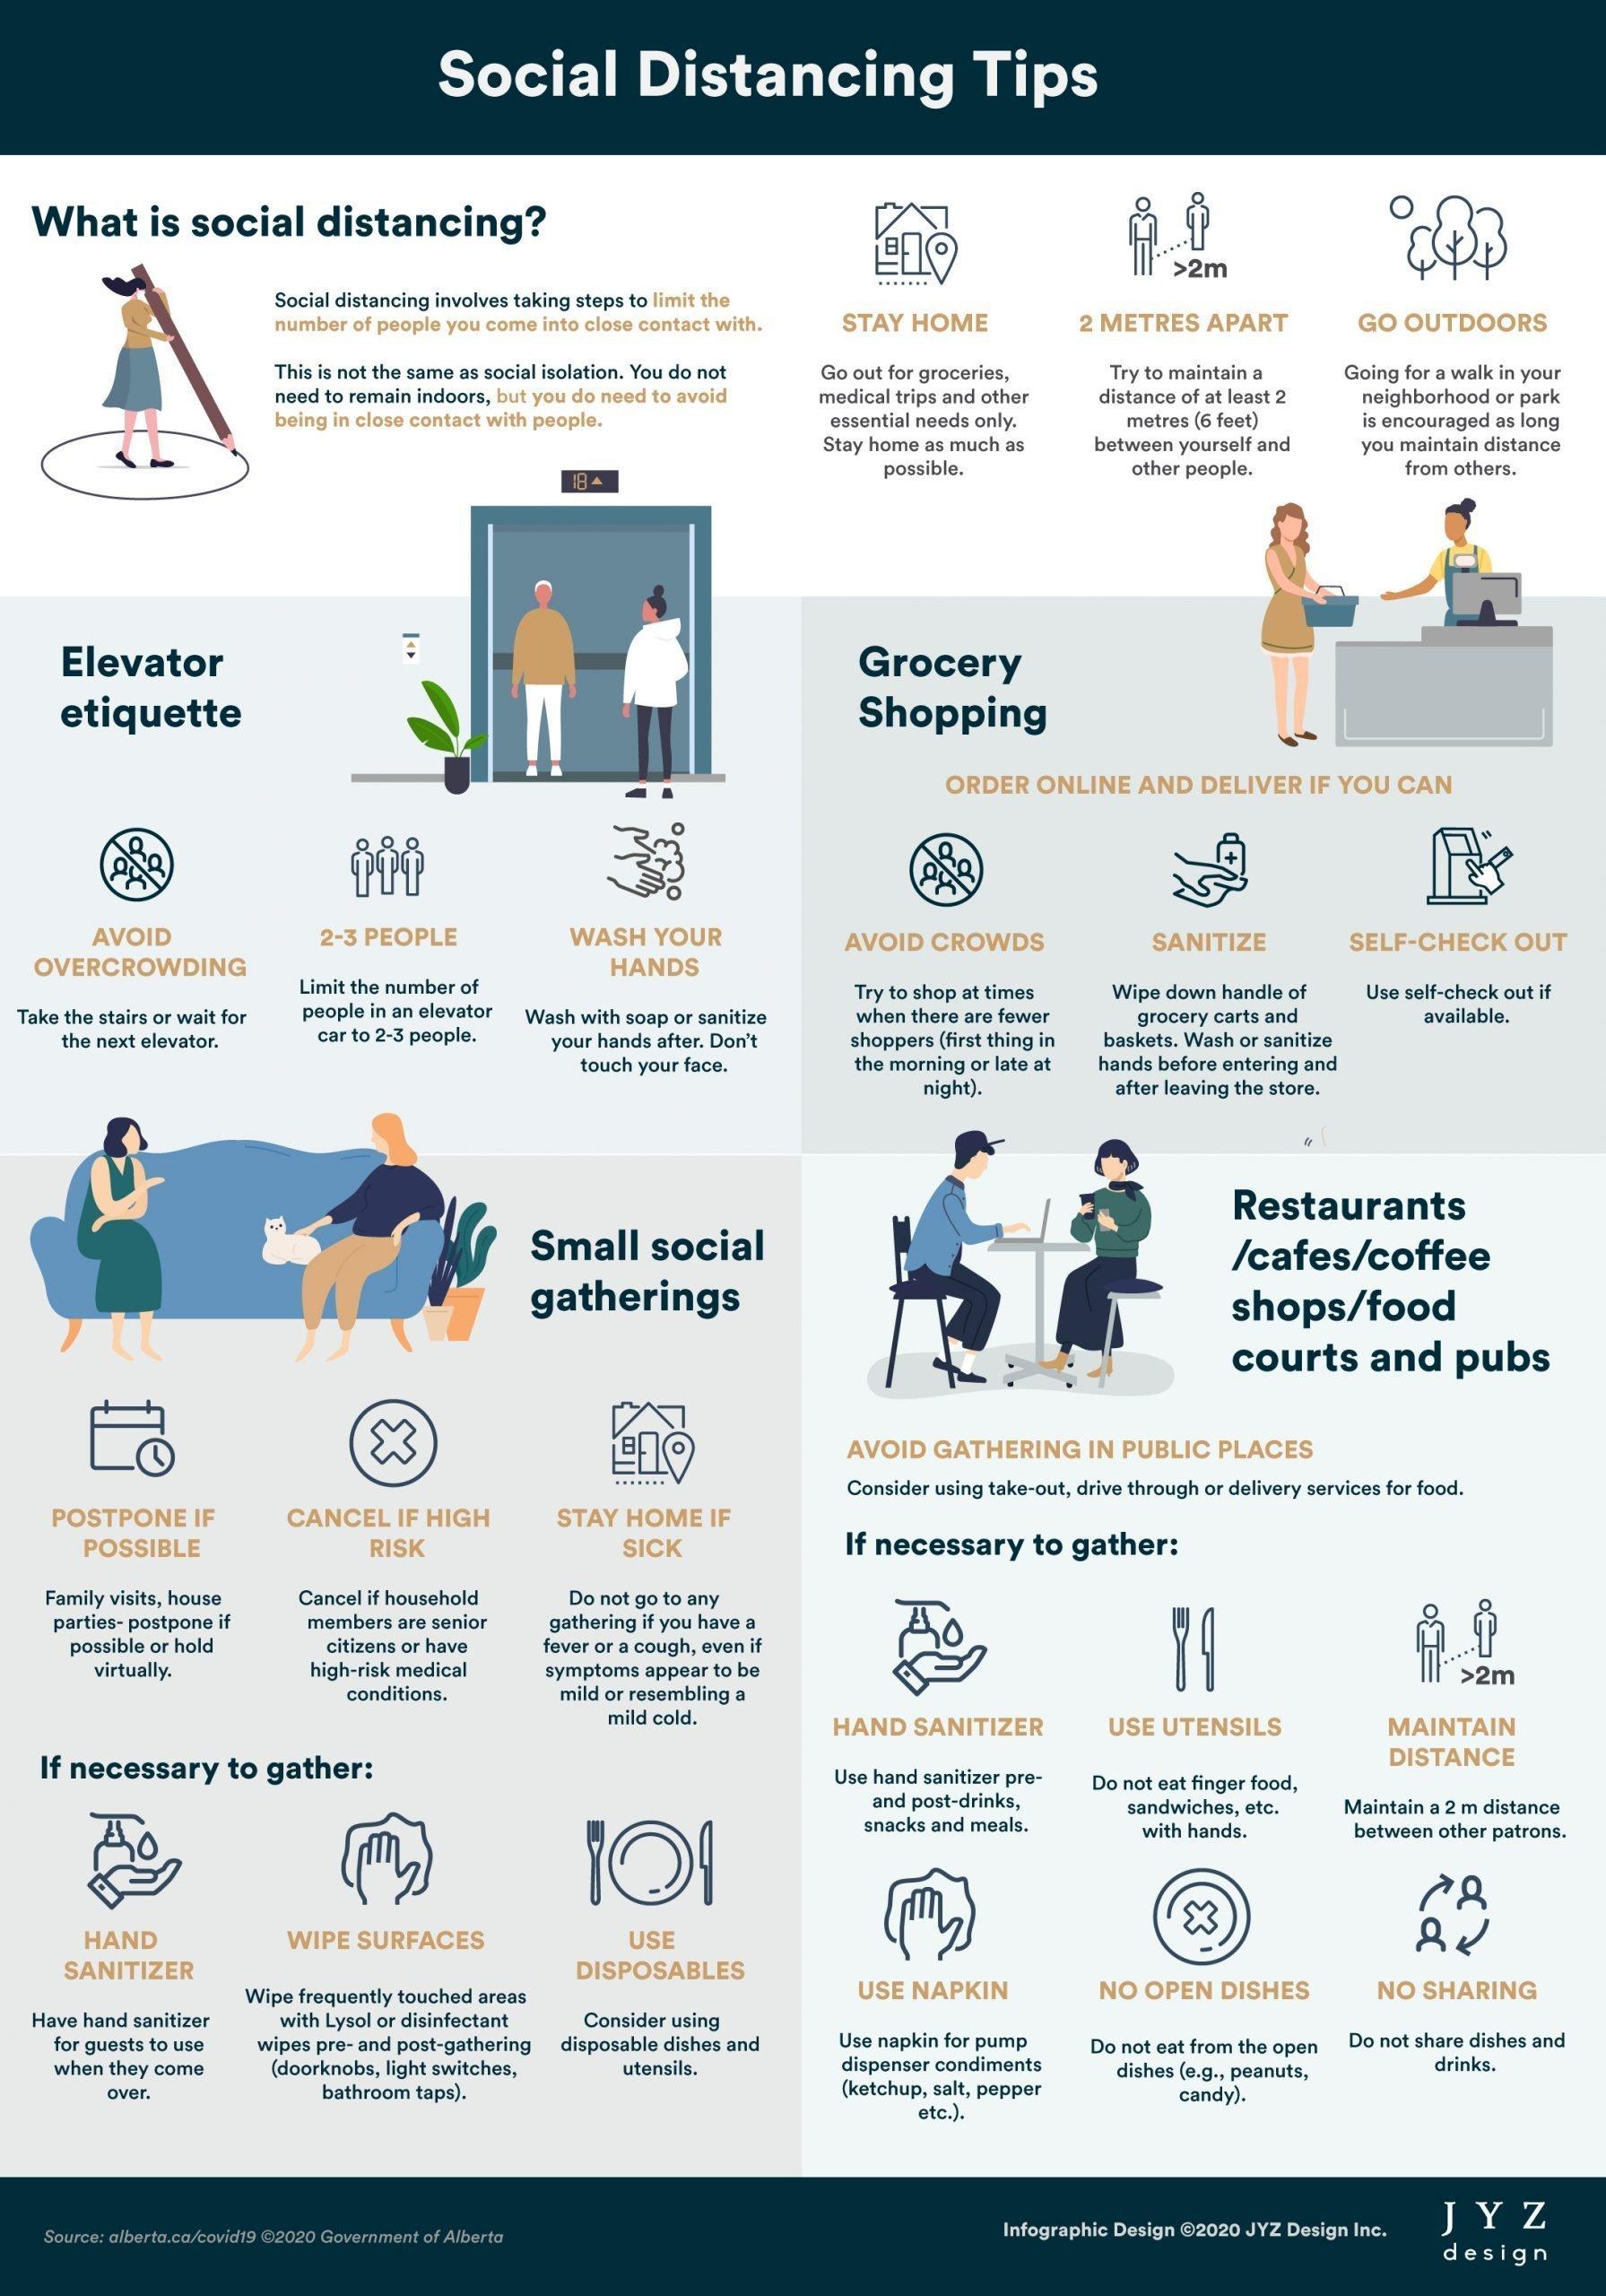 covid19, coronavirus infographic, infographic, social distancing, guide infographic, coronavirus tips